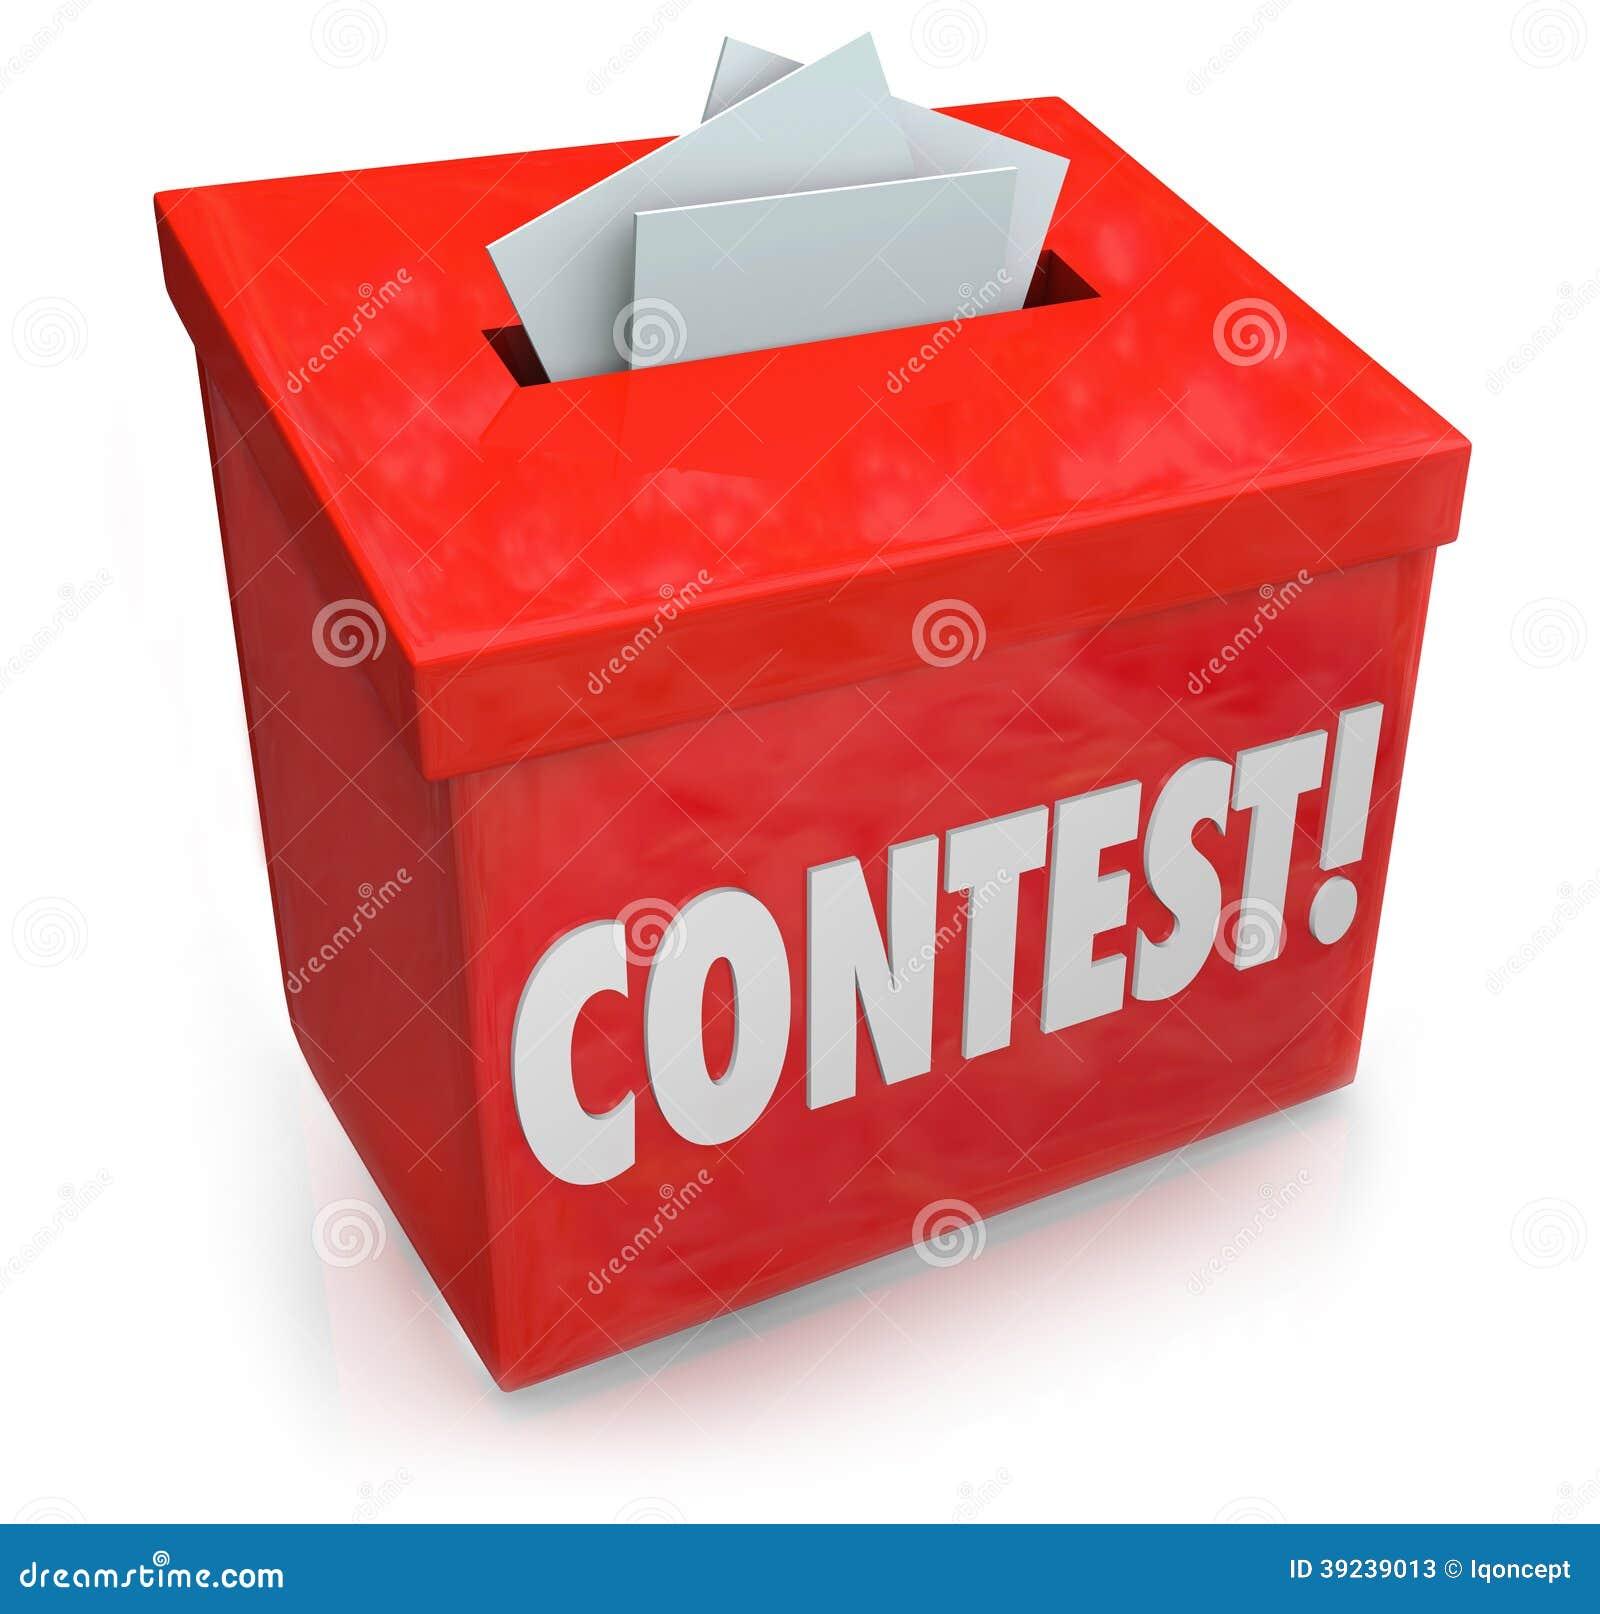 Win prize contest in india